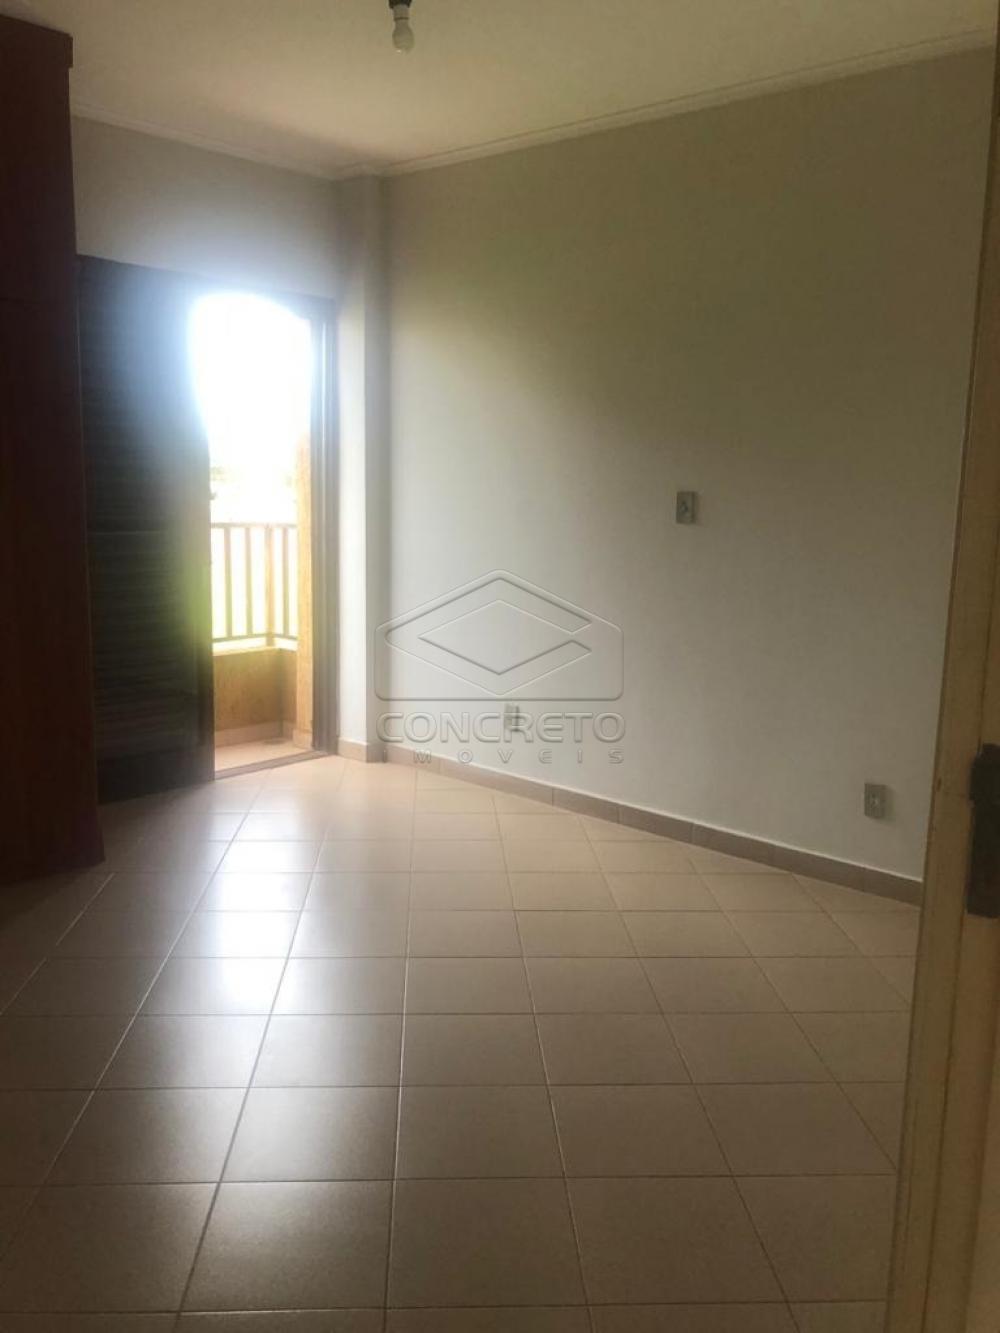 Alugar Apartamento / Padrão em Bauru apenas R$ 800,00 - Foto 7